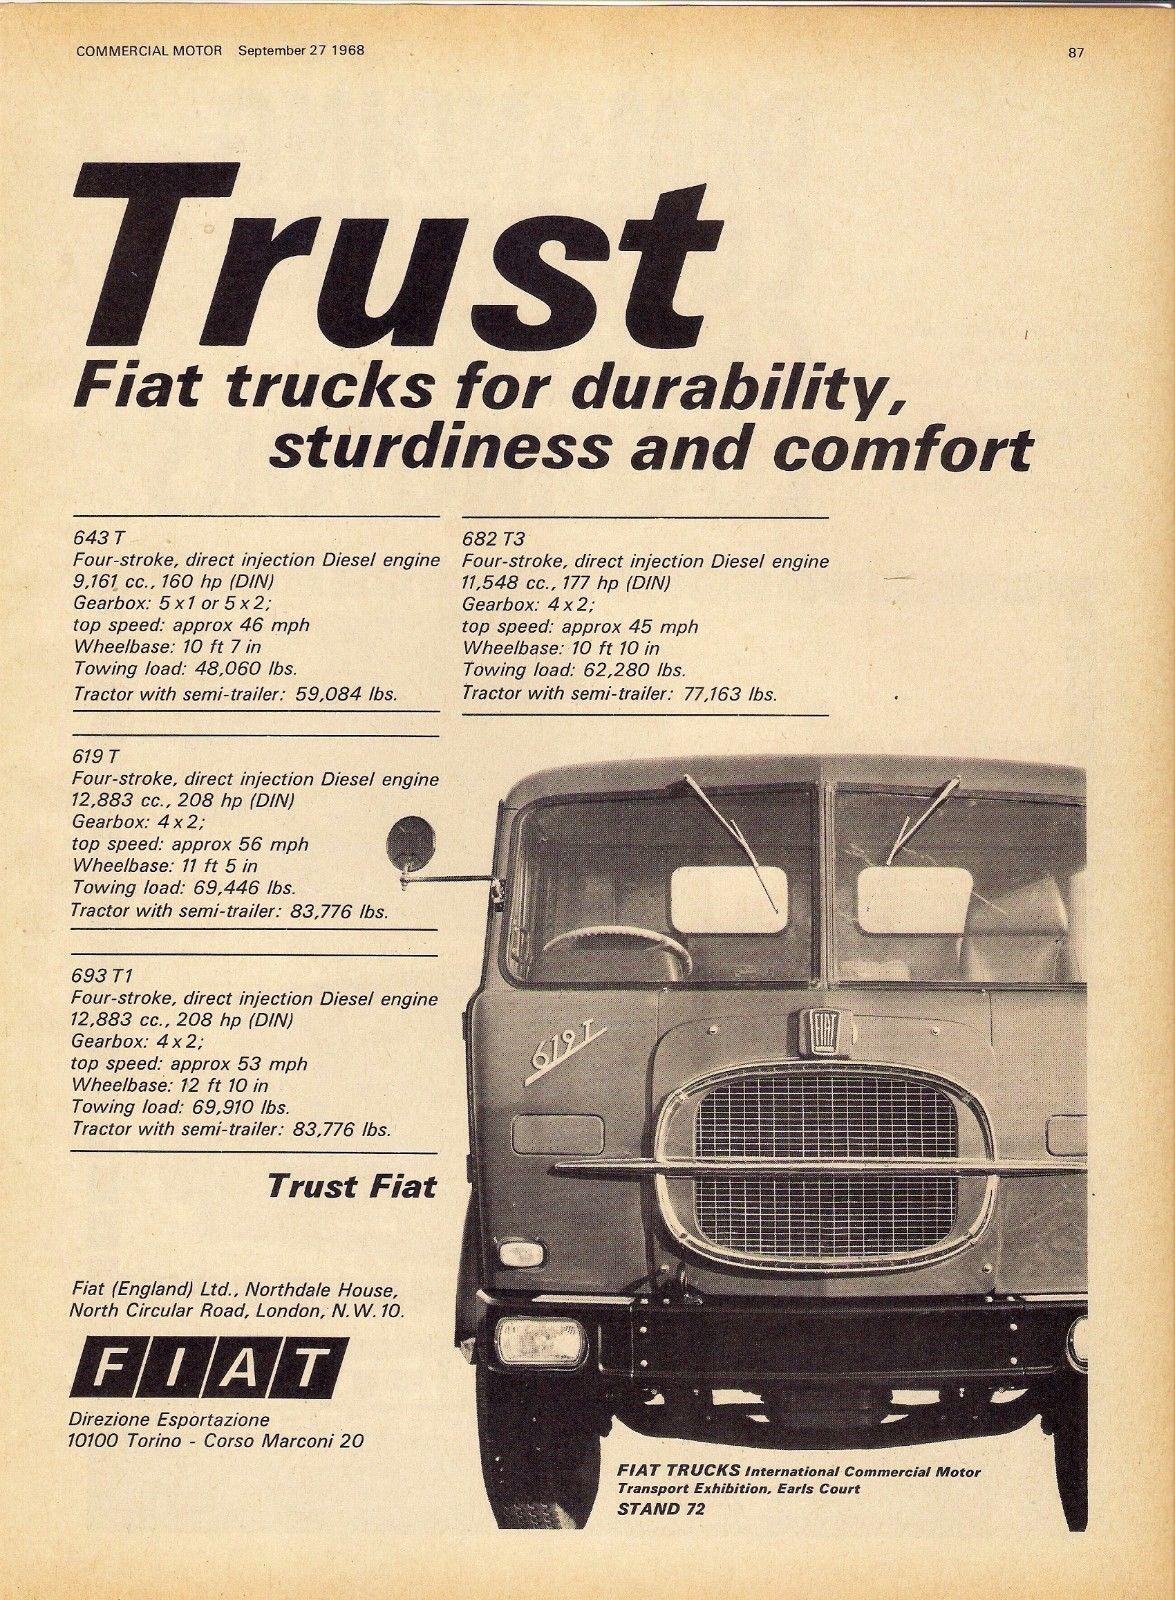 fiat-619T pub 1968